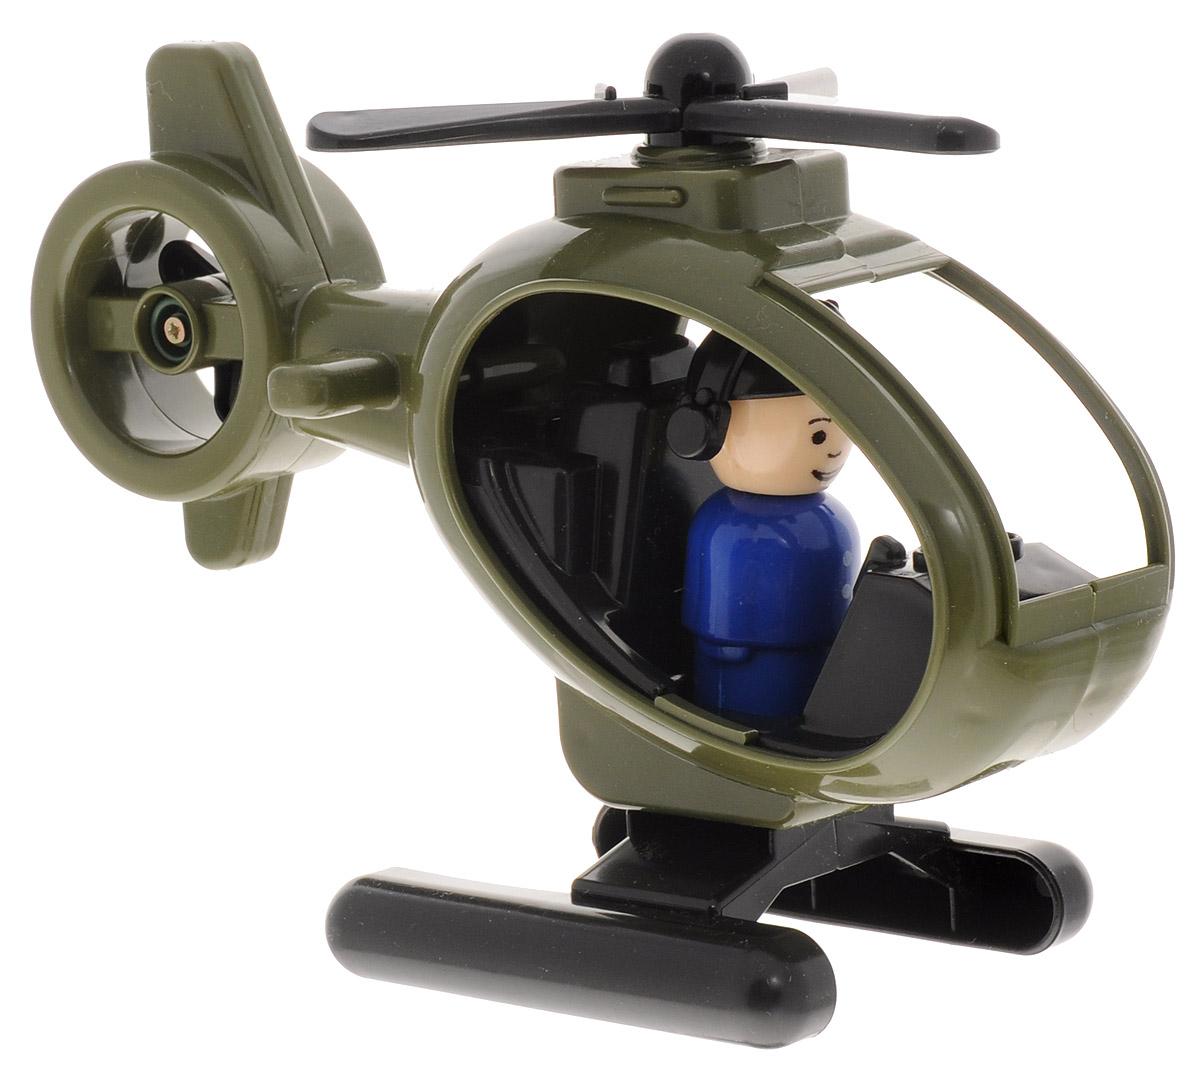 Форма Вертолет Детский сад цвет хаки автомобиль форма детский сад молния цвет в ассортименте в ассортименте с 149 ф